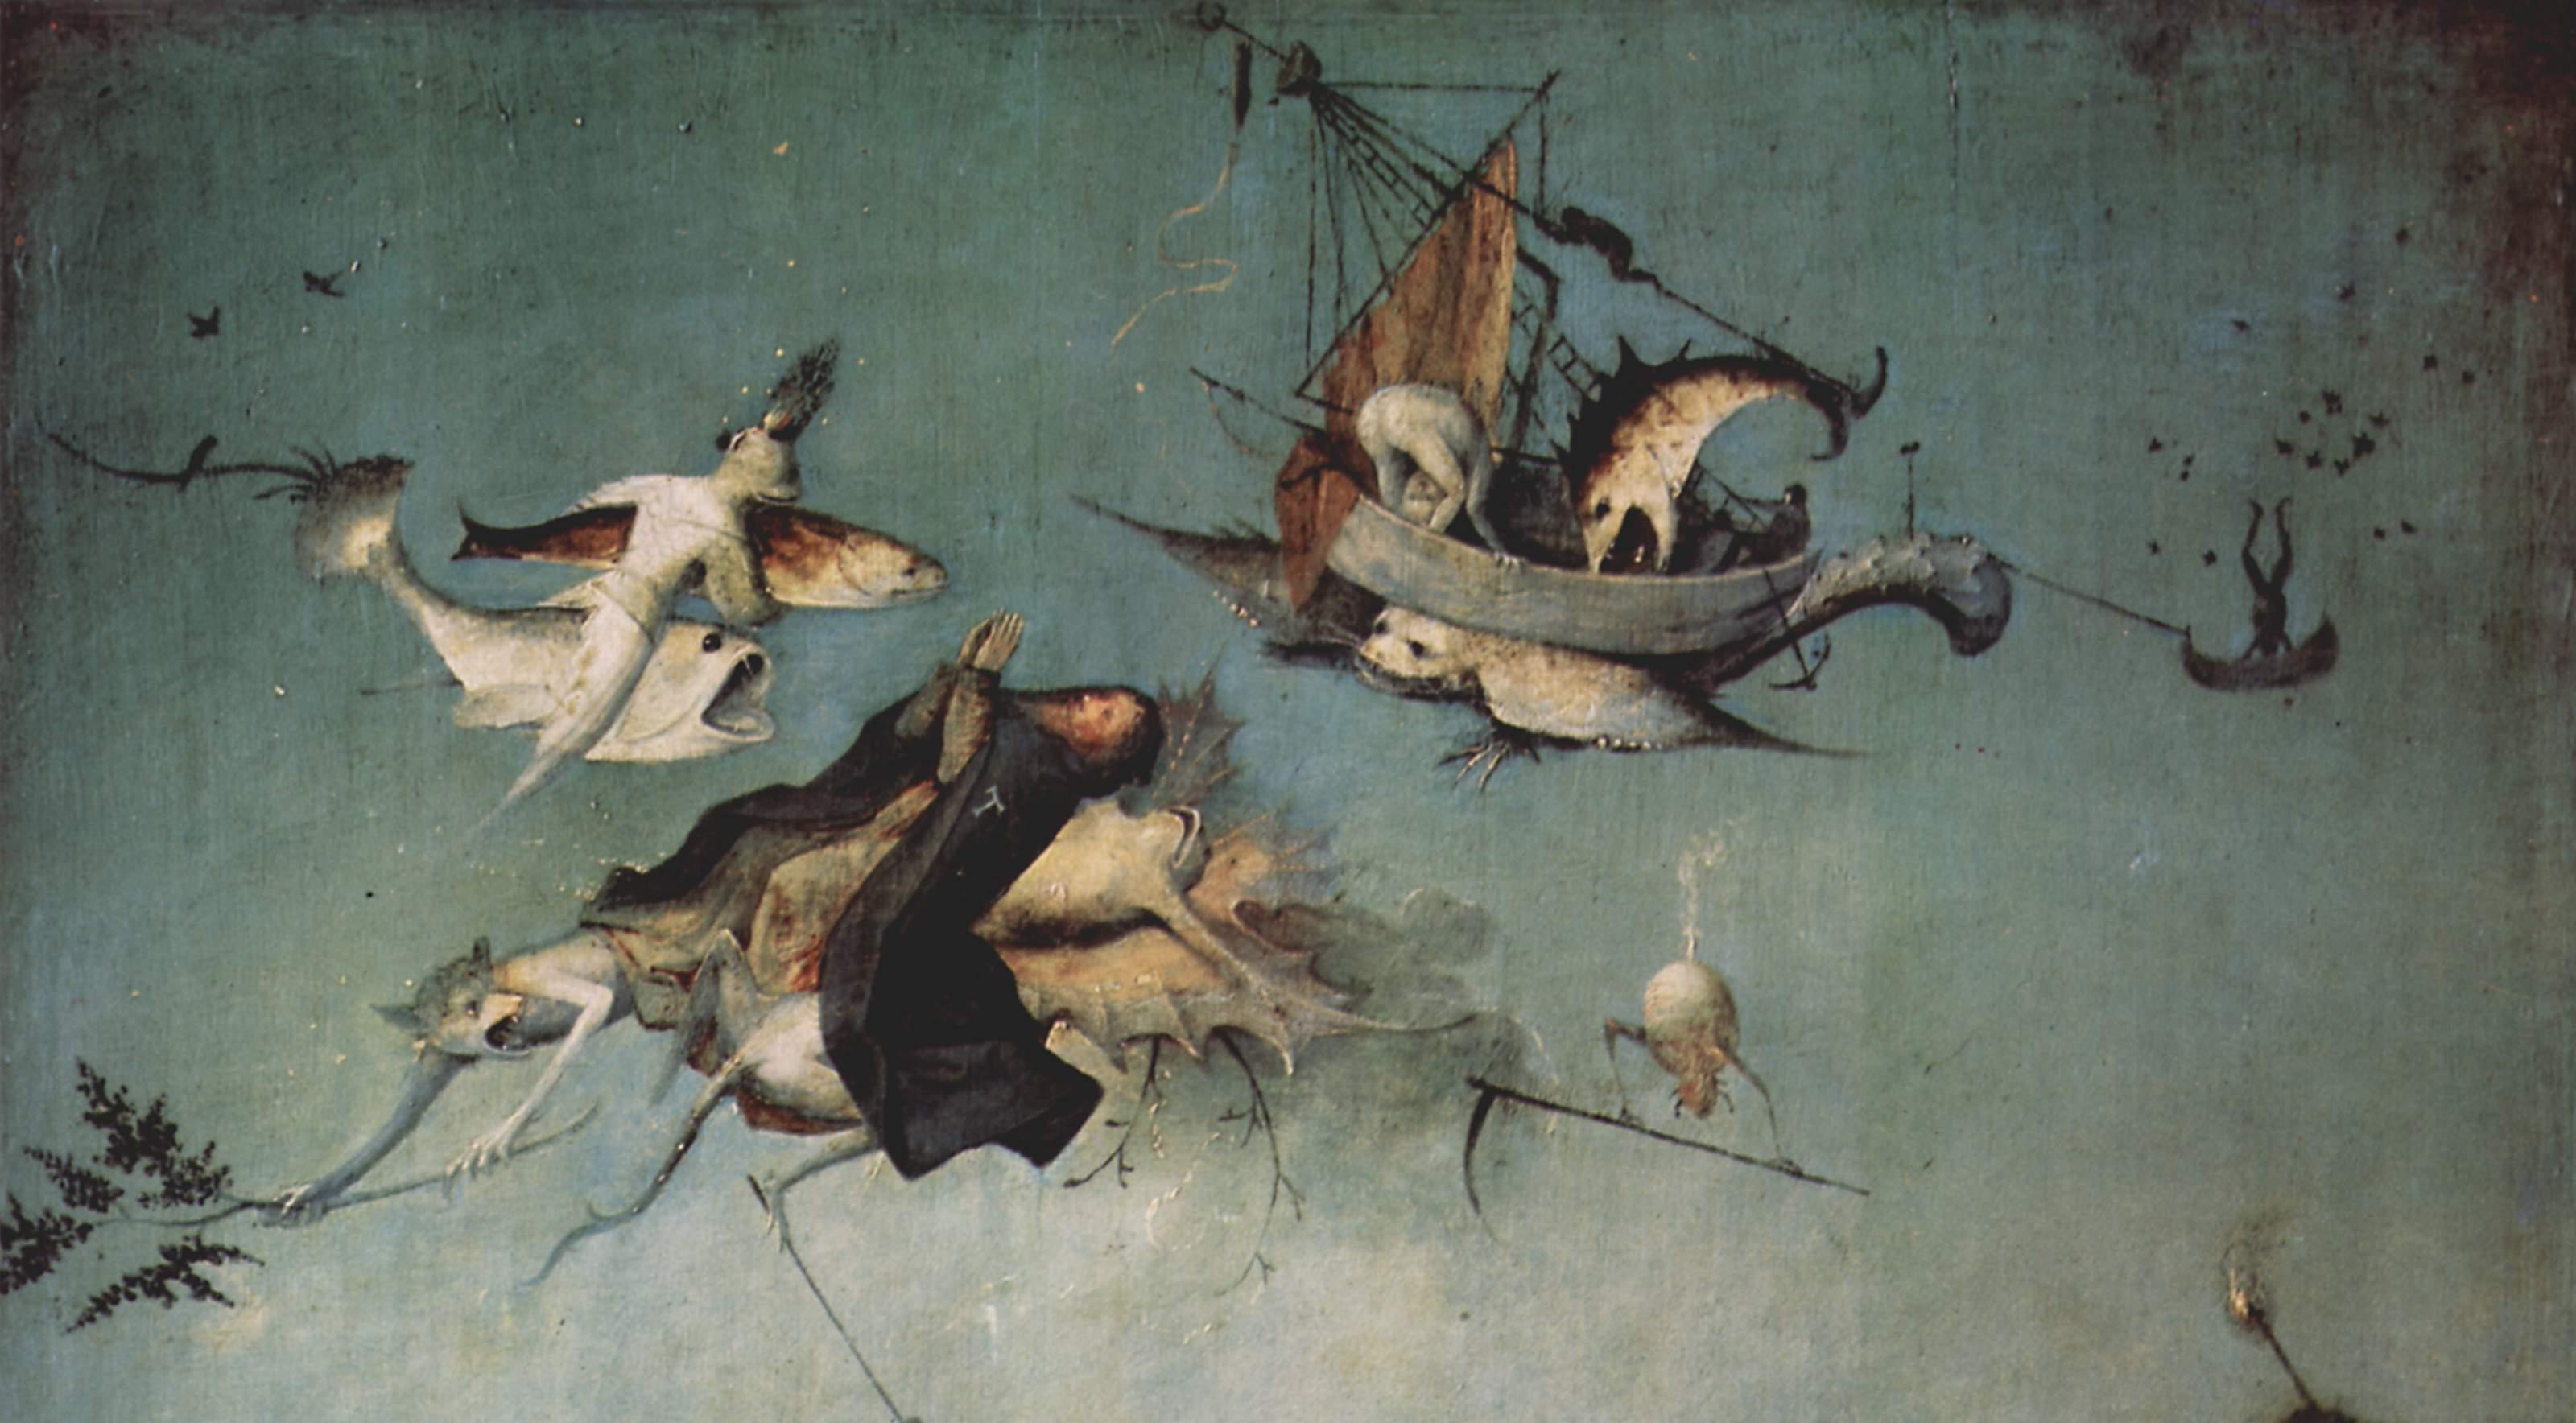 El Bosco (1450 - 1519) Hieronymus_Bosch_003